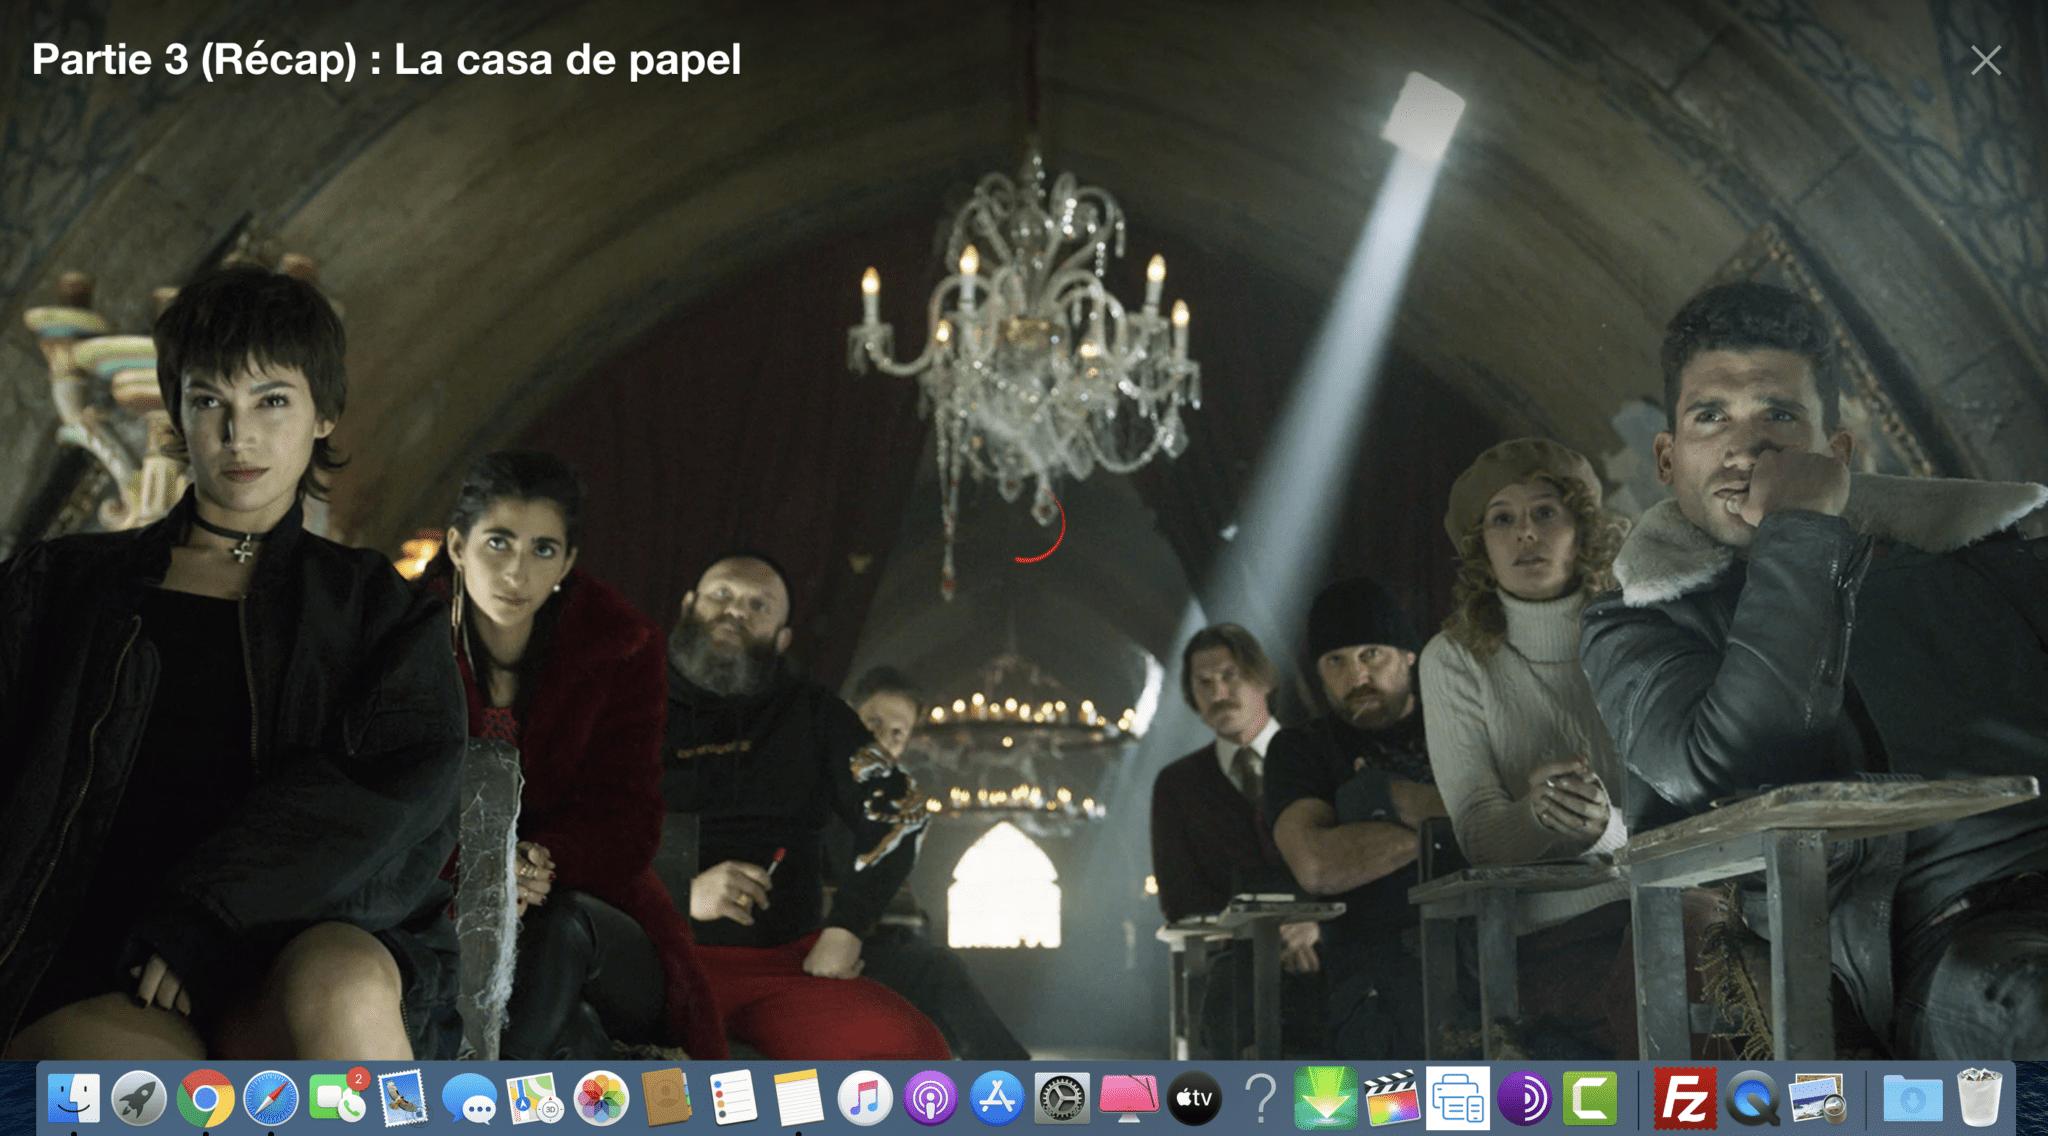 La Casa de Papel (Netflix) saison 4 est enfin disponible